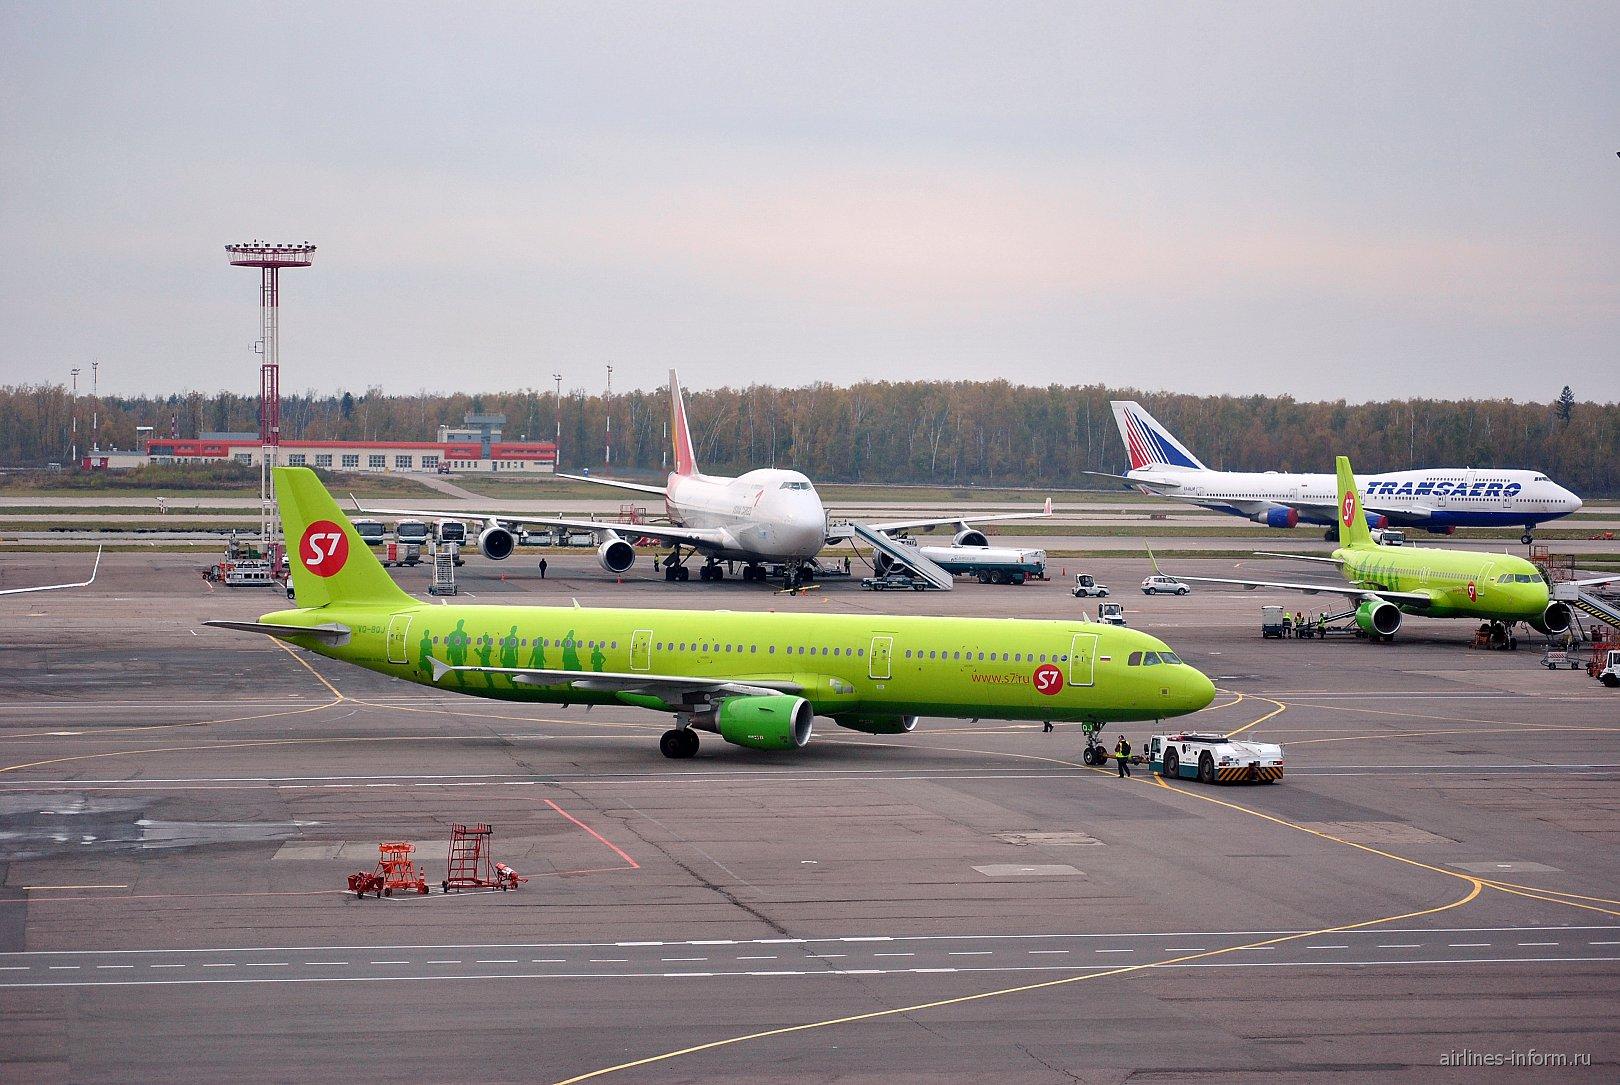 Airbus A321 S7 Airlines в аэропорту Домодедово